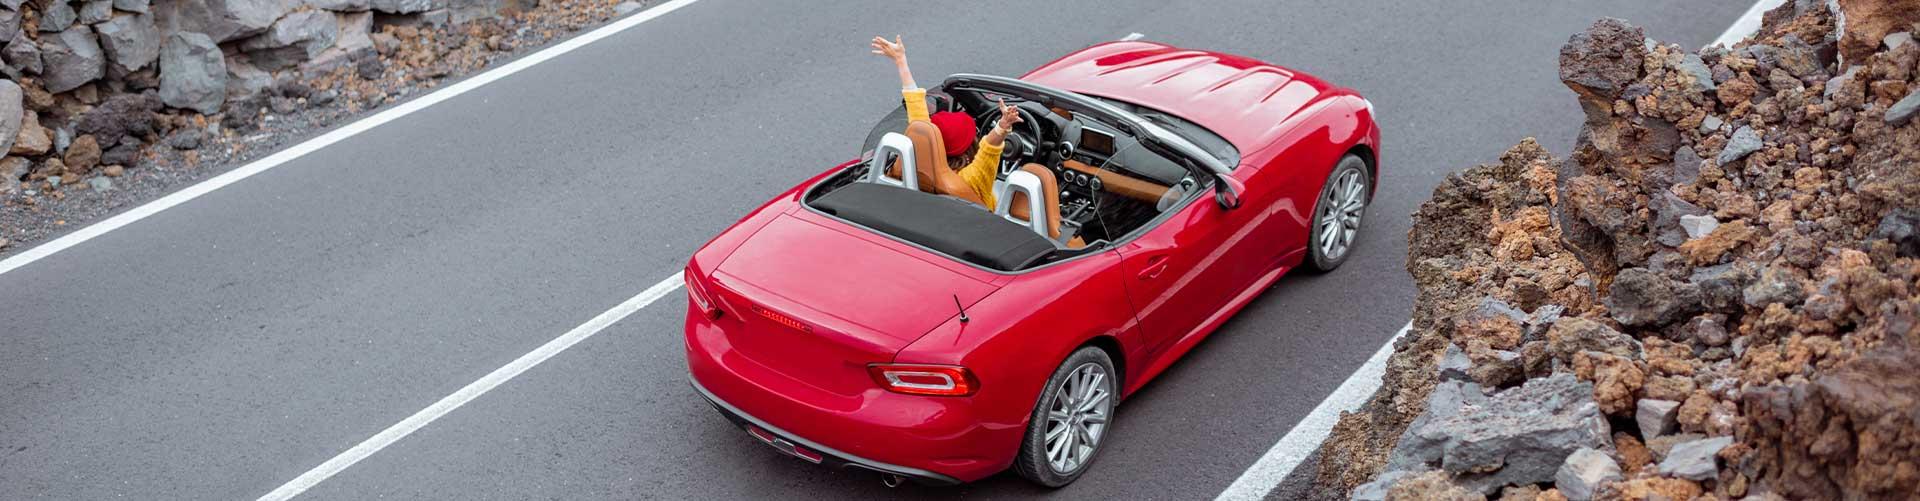 Frau entspannt nach langer Fahrt in ihrem Auto-Abo.